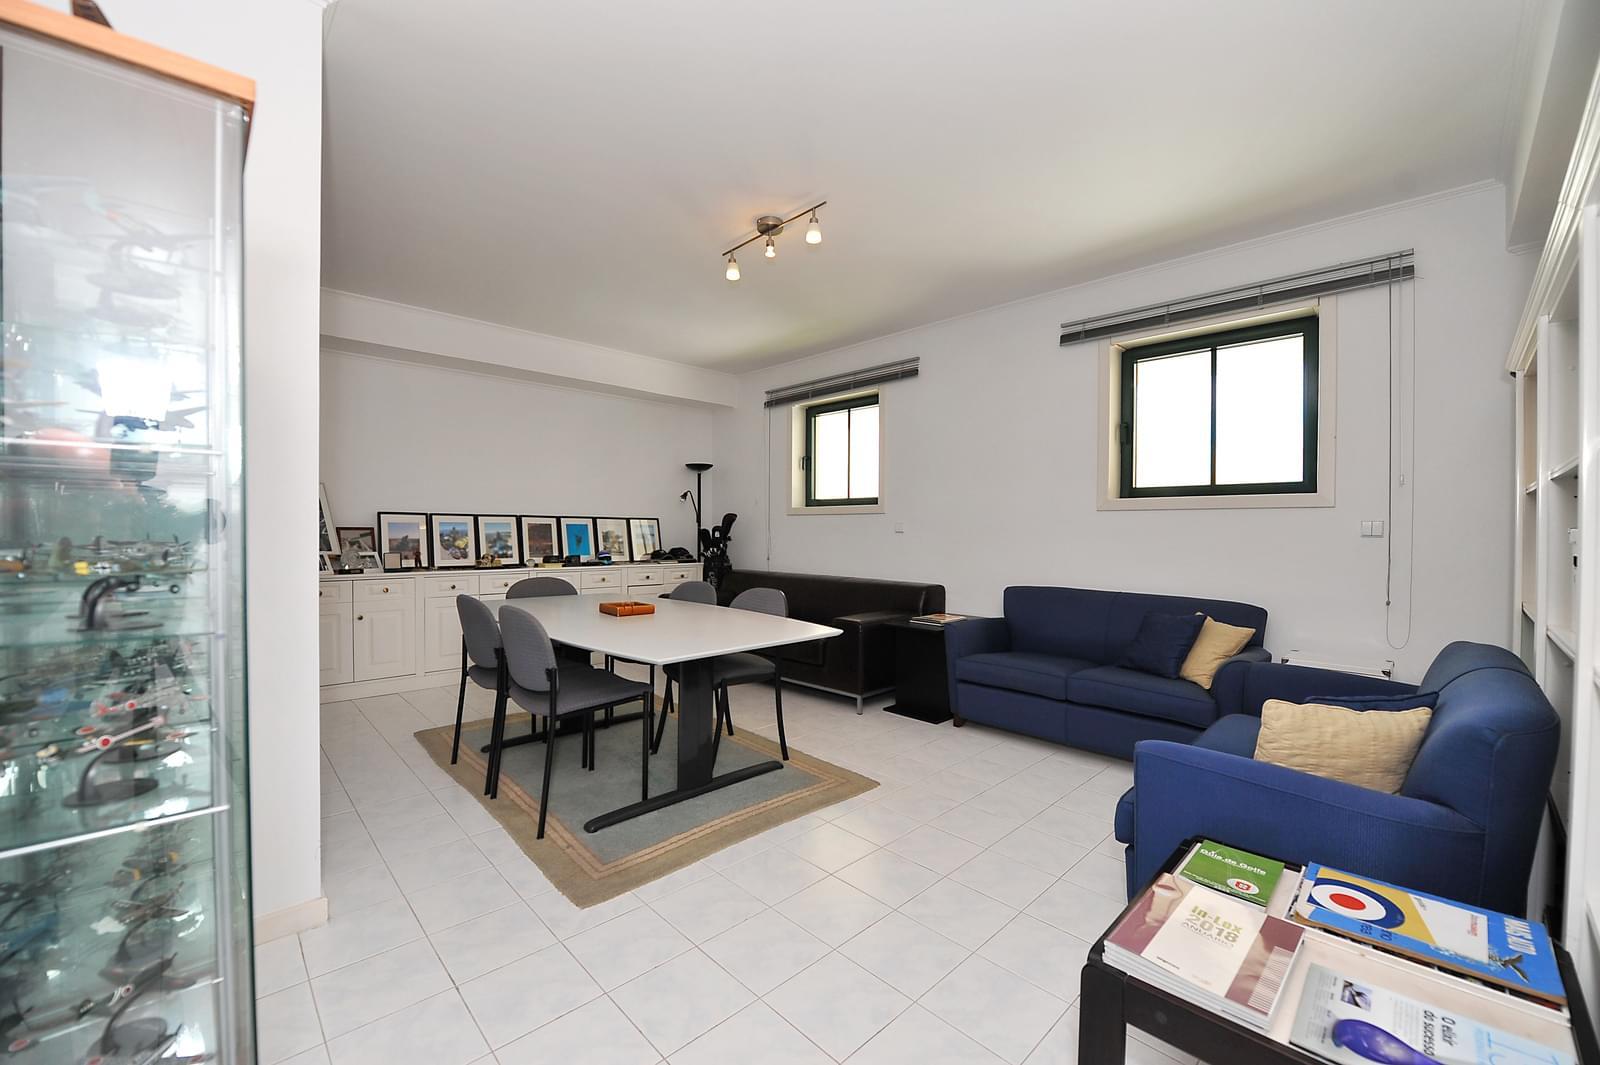 Apartamento T4 duplex com piscina em condomínio fechado